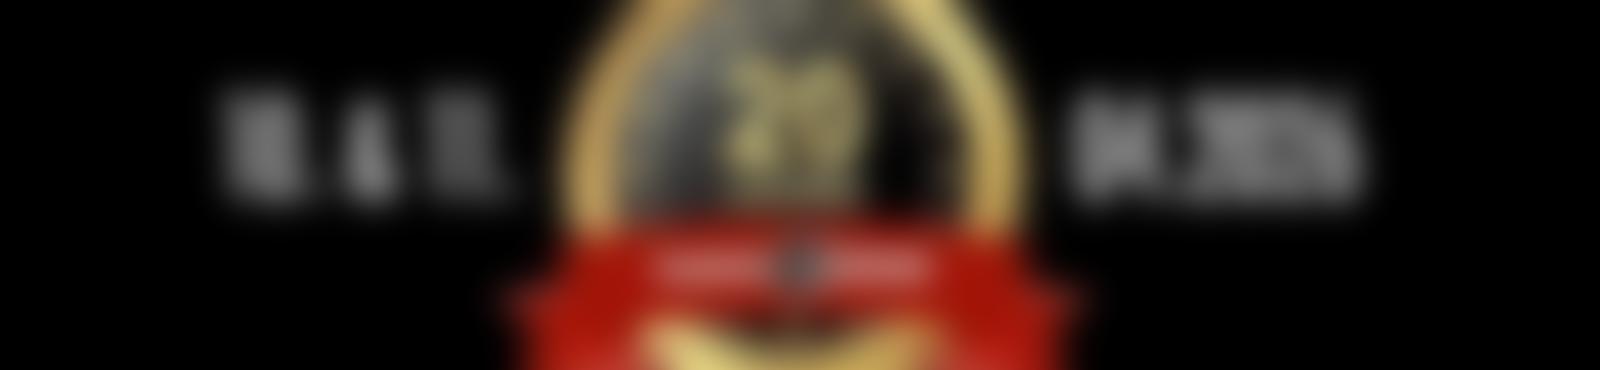 Blurred 7f011799 7dfa 4f91 97f9 0cbd249e9c7a